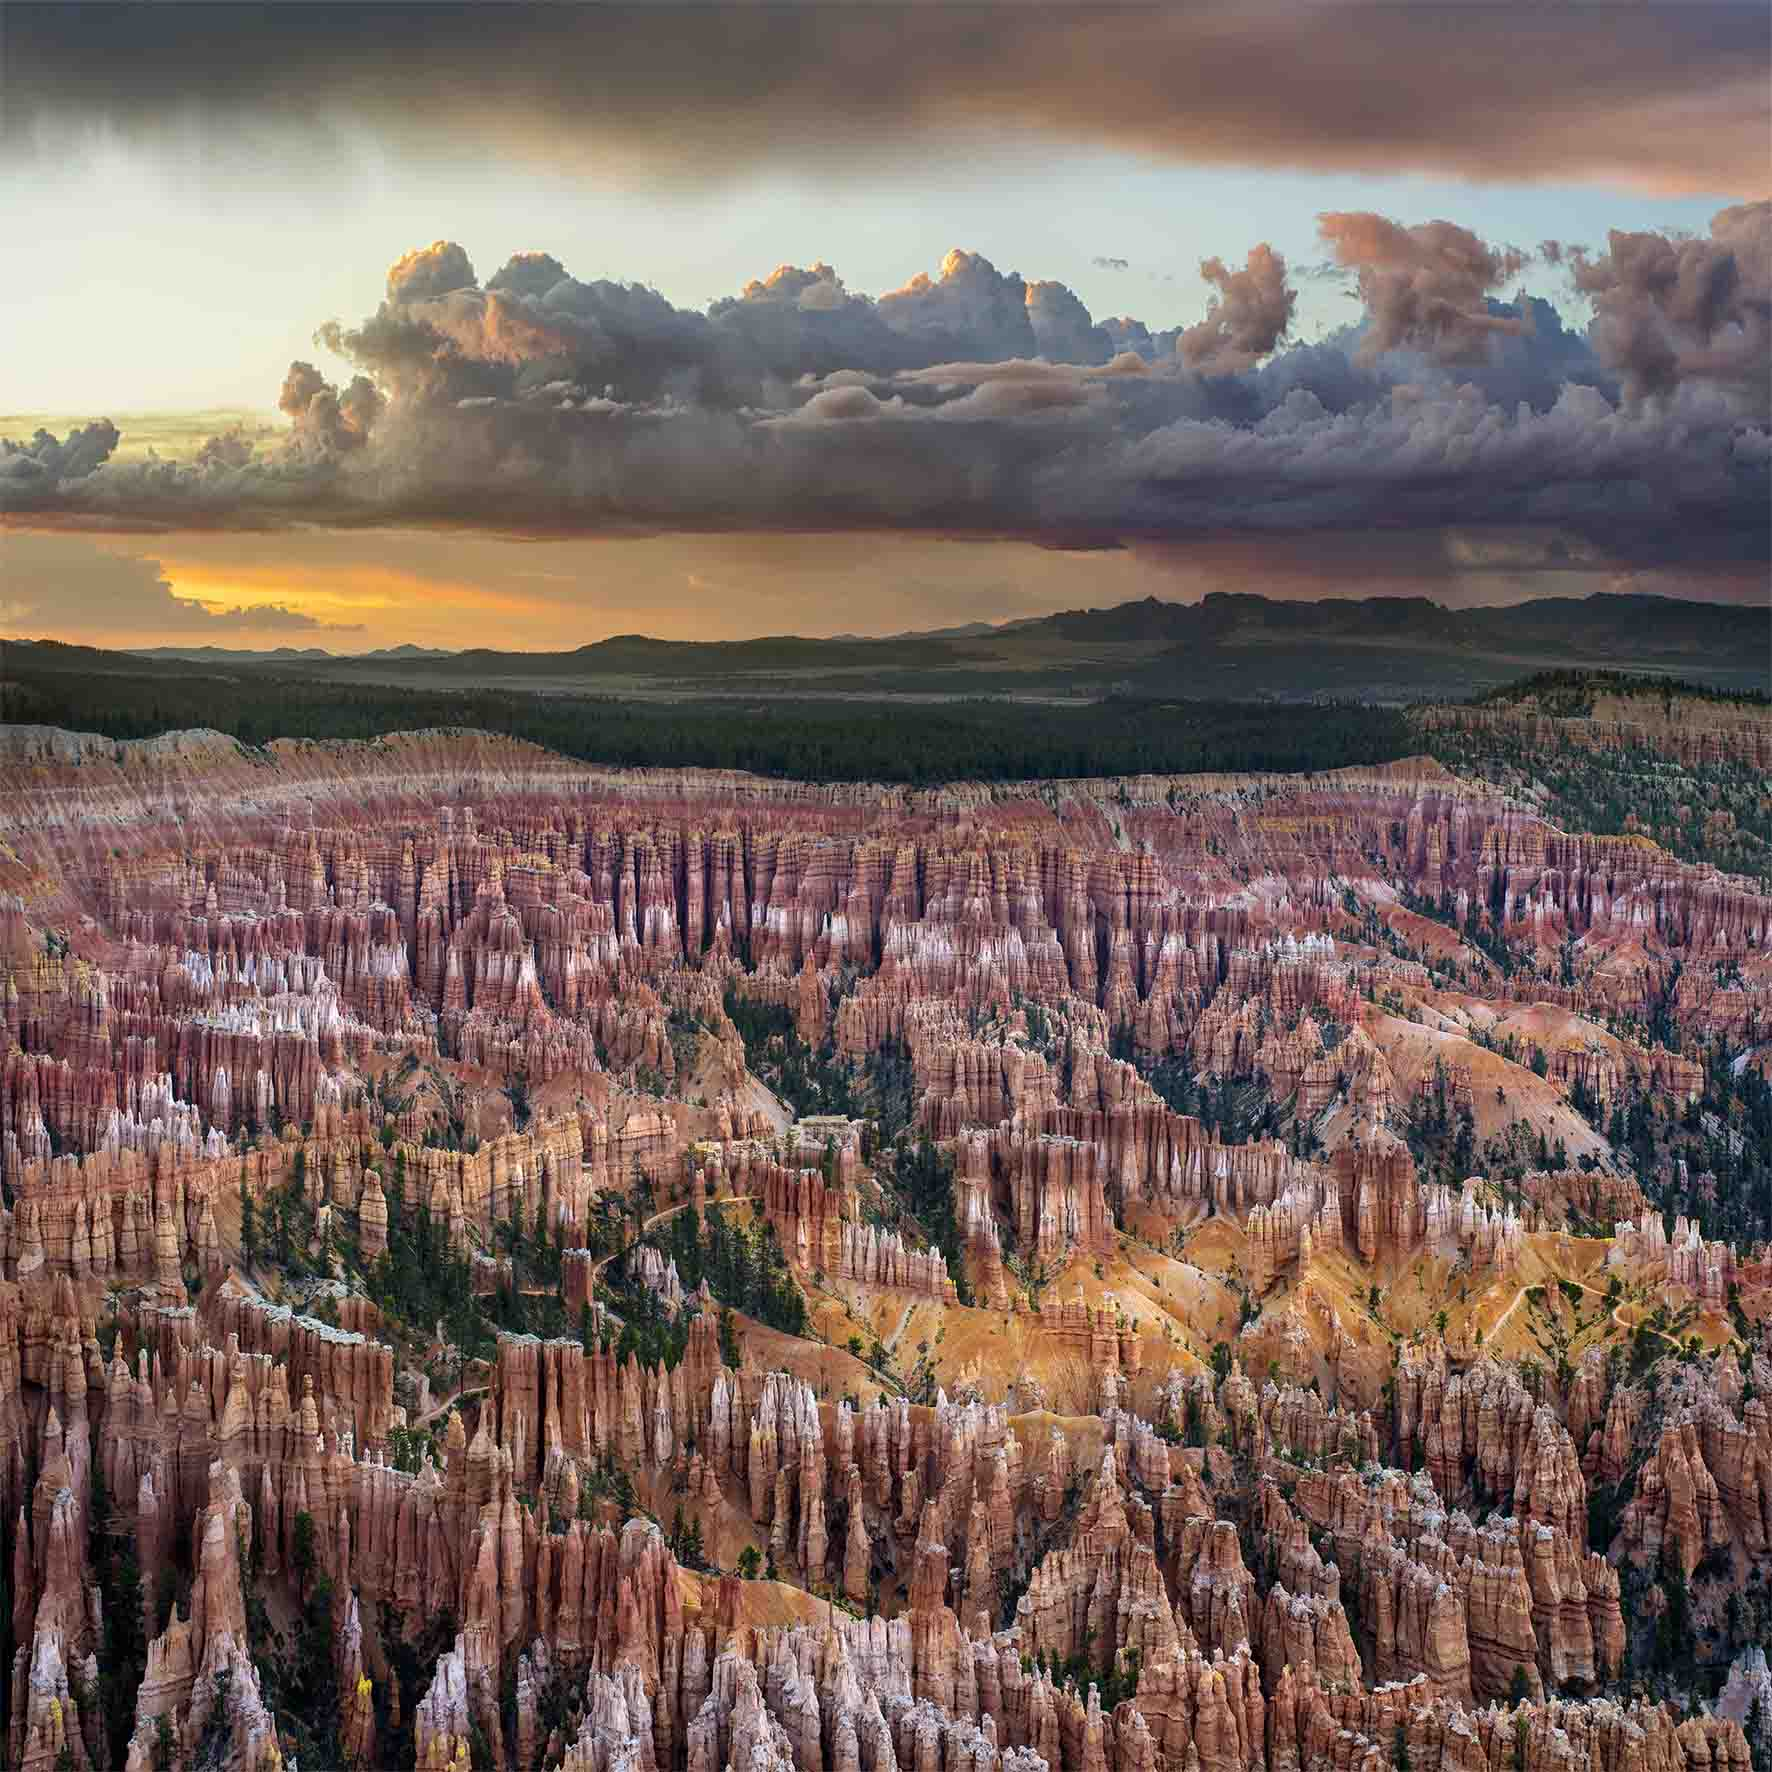 Hoodoos at Sunset, Bryce Canyon National Park by Ignacio Palacios